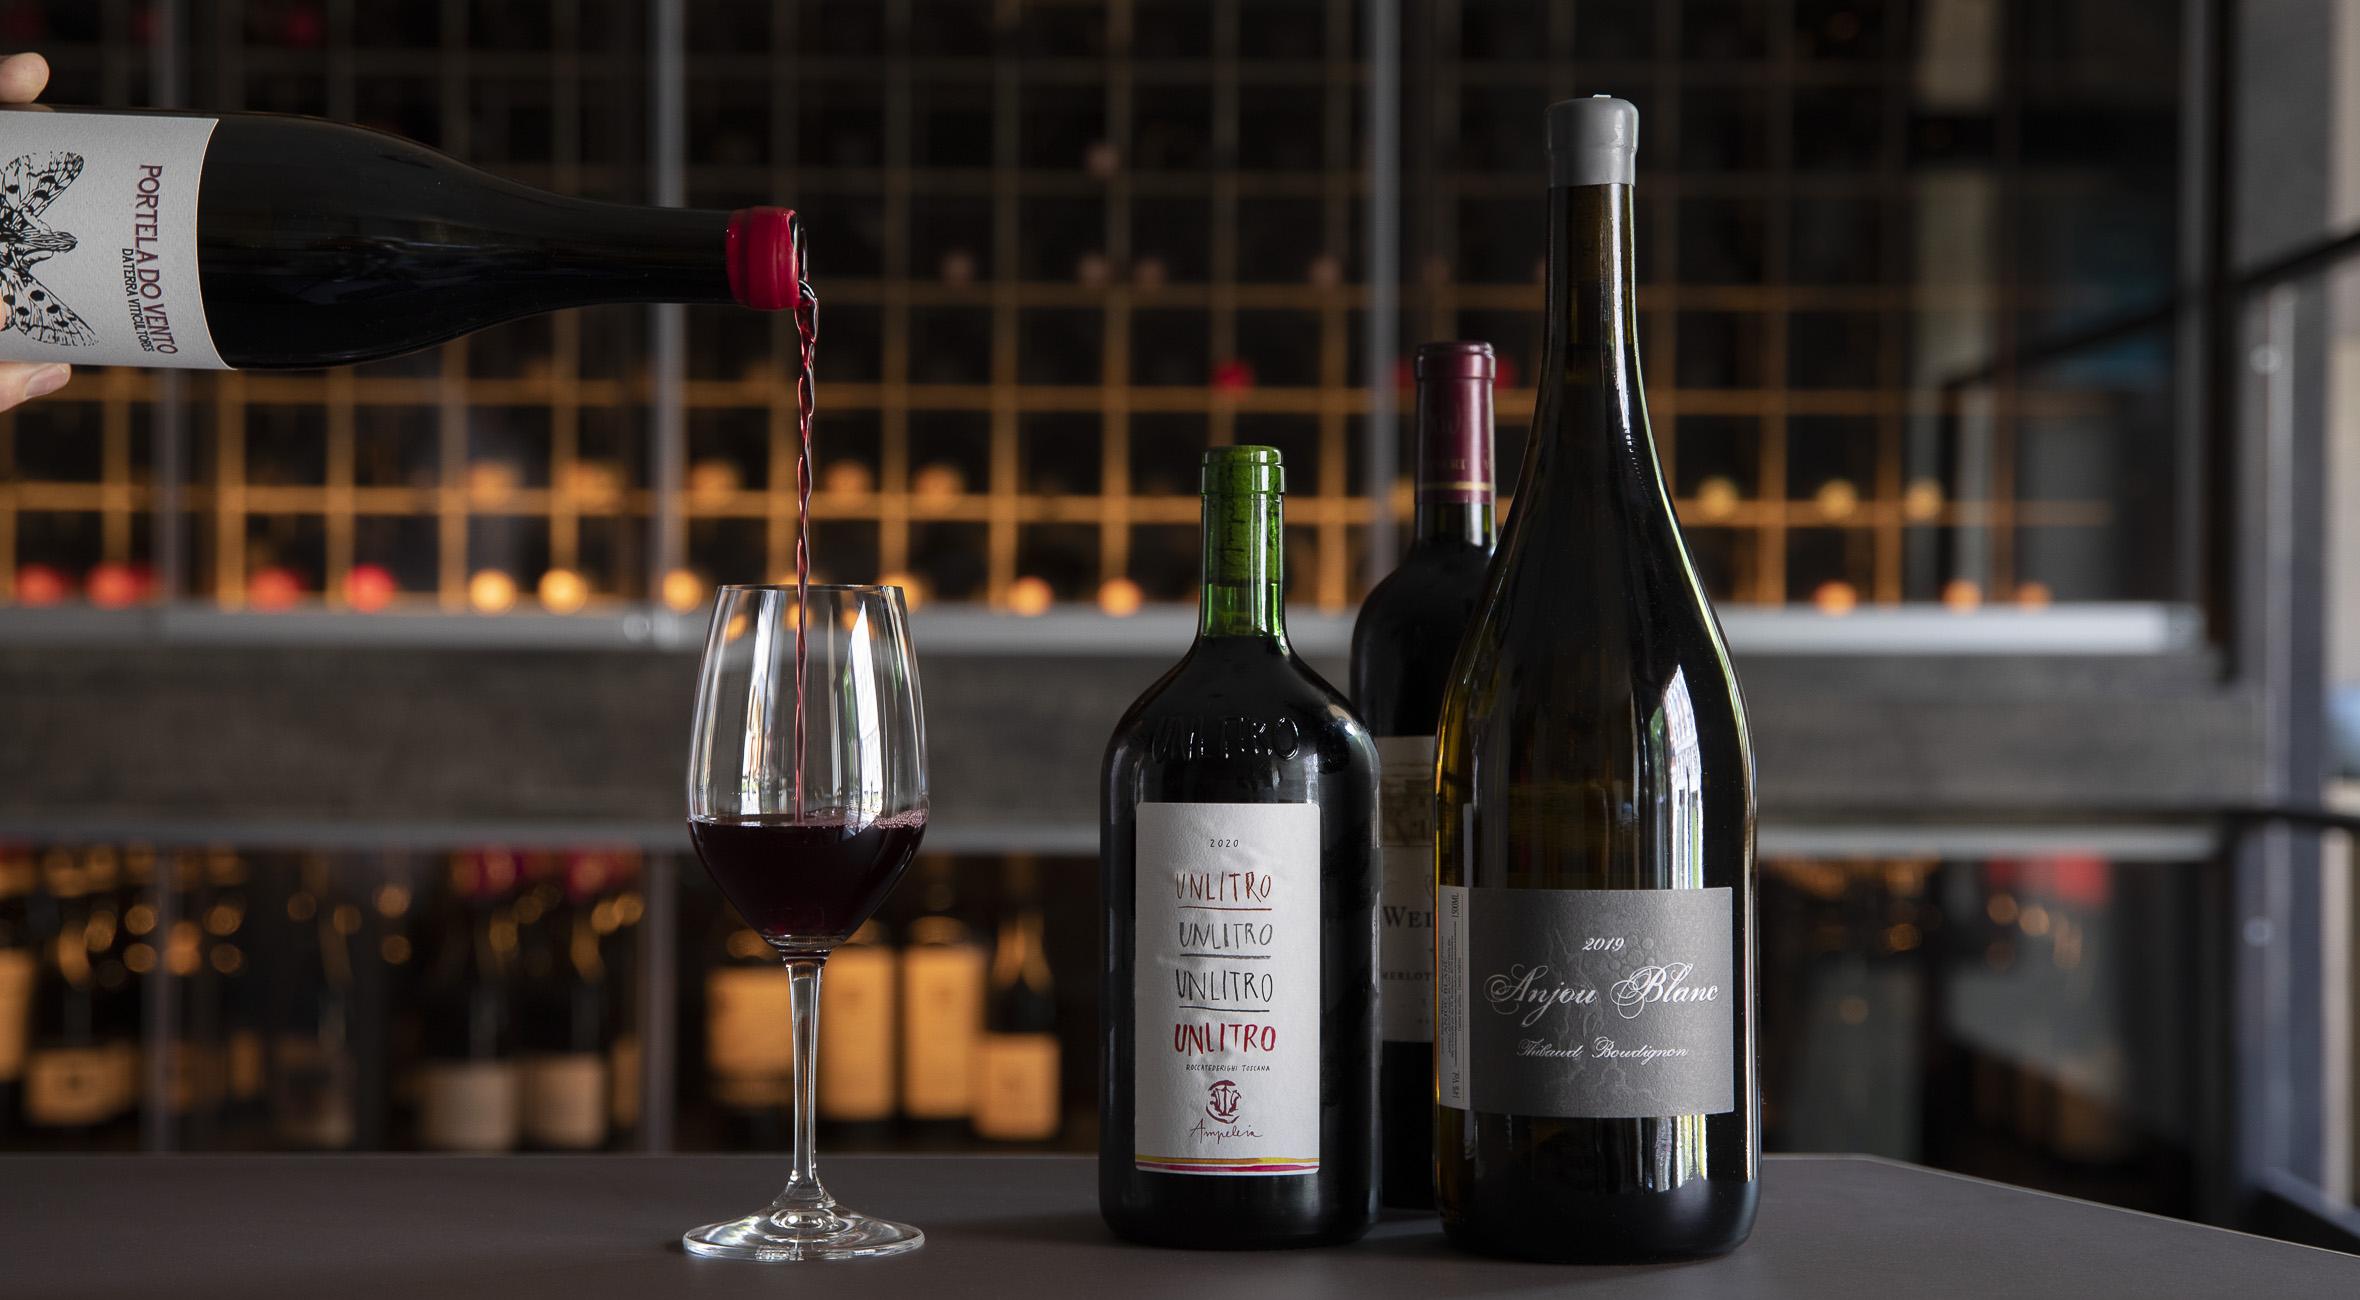 Frit valg til alt hos v.Lo på Vesterbro – Kendt vinbar har fået ny vinprofil og nyt navn